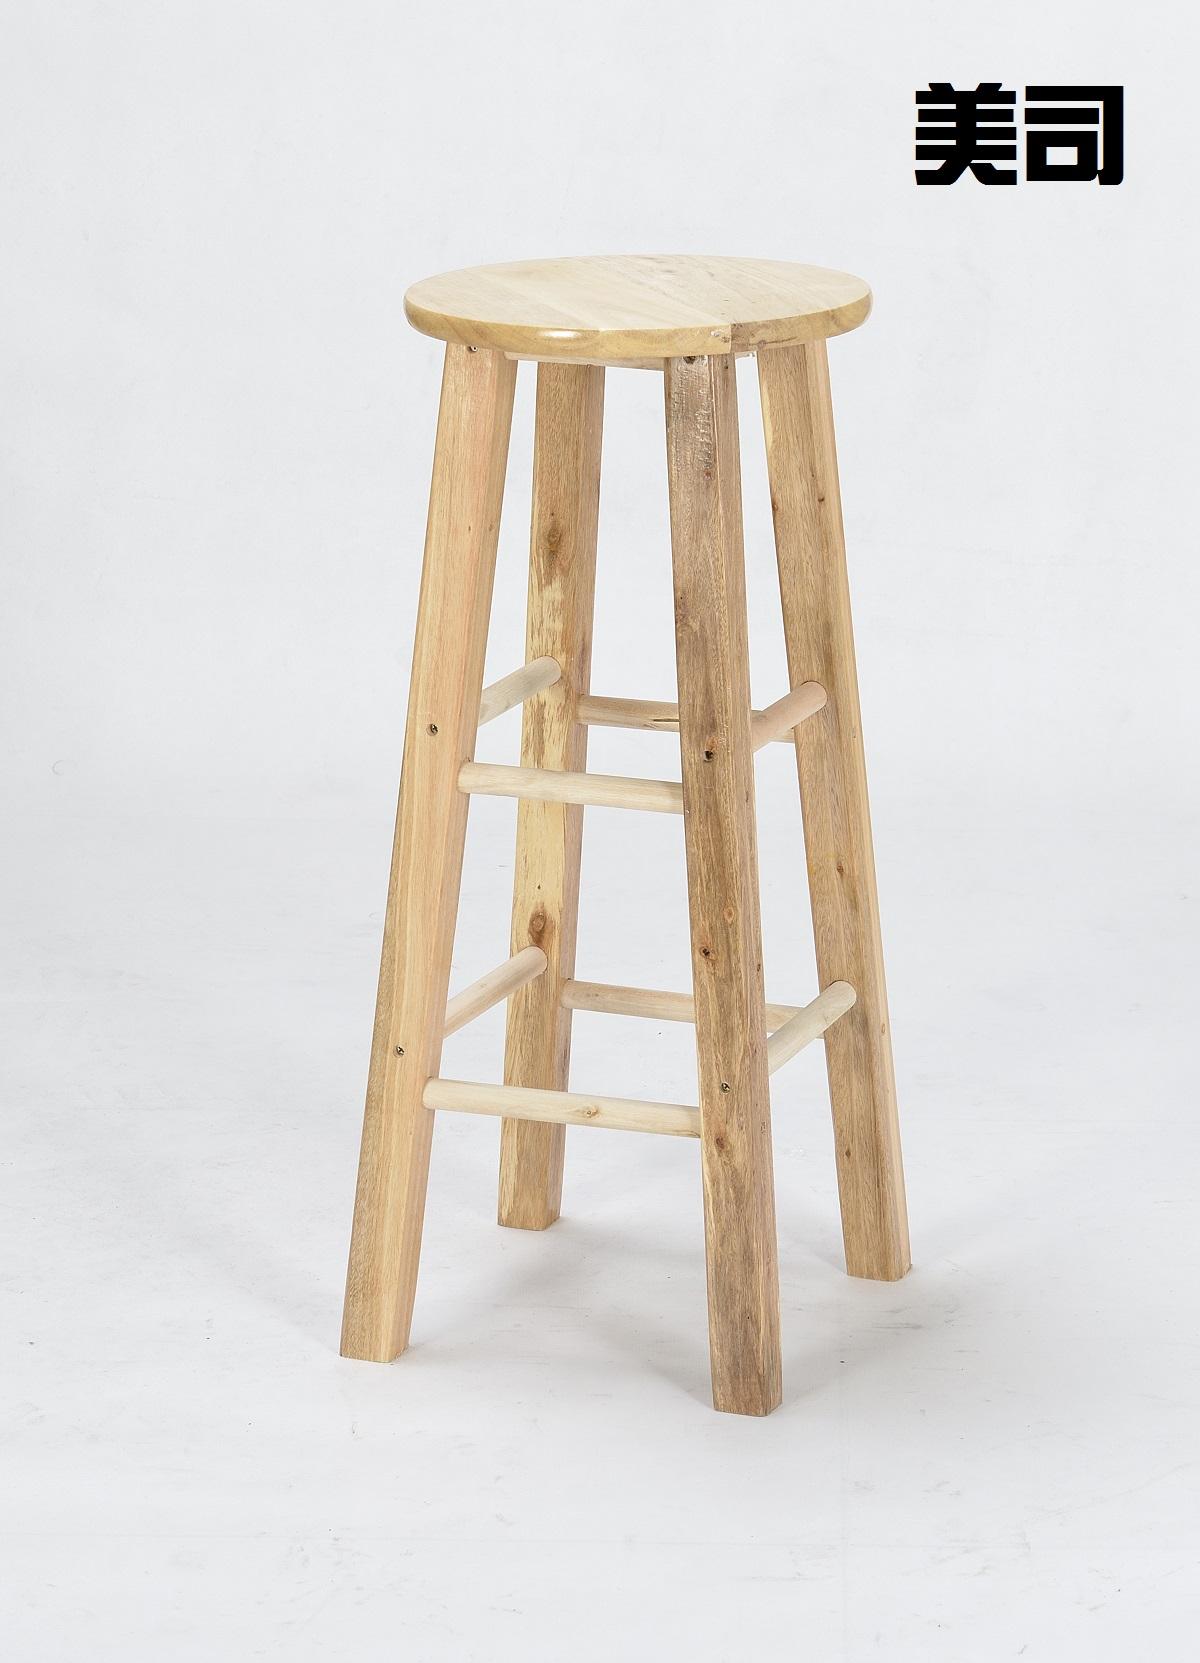 橡木高腳凳 吧台椅 高圓凳 橡木梯凳 實木凳子板凳